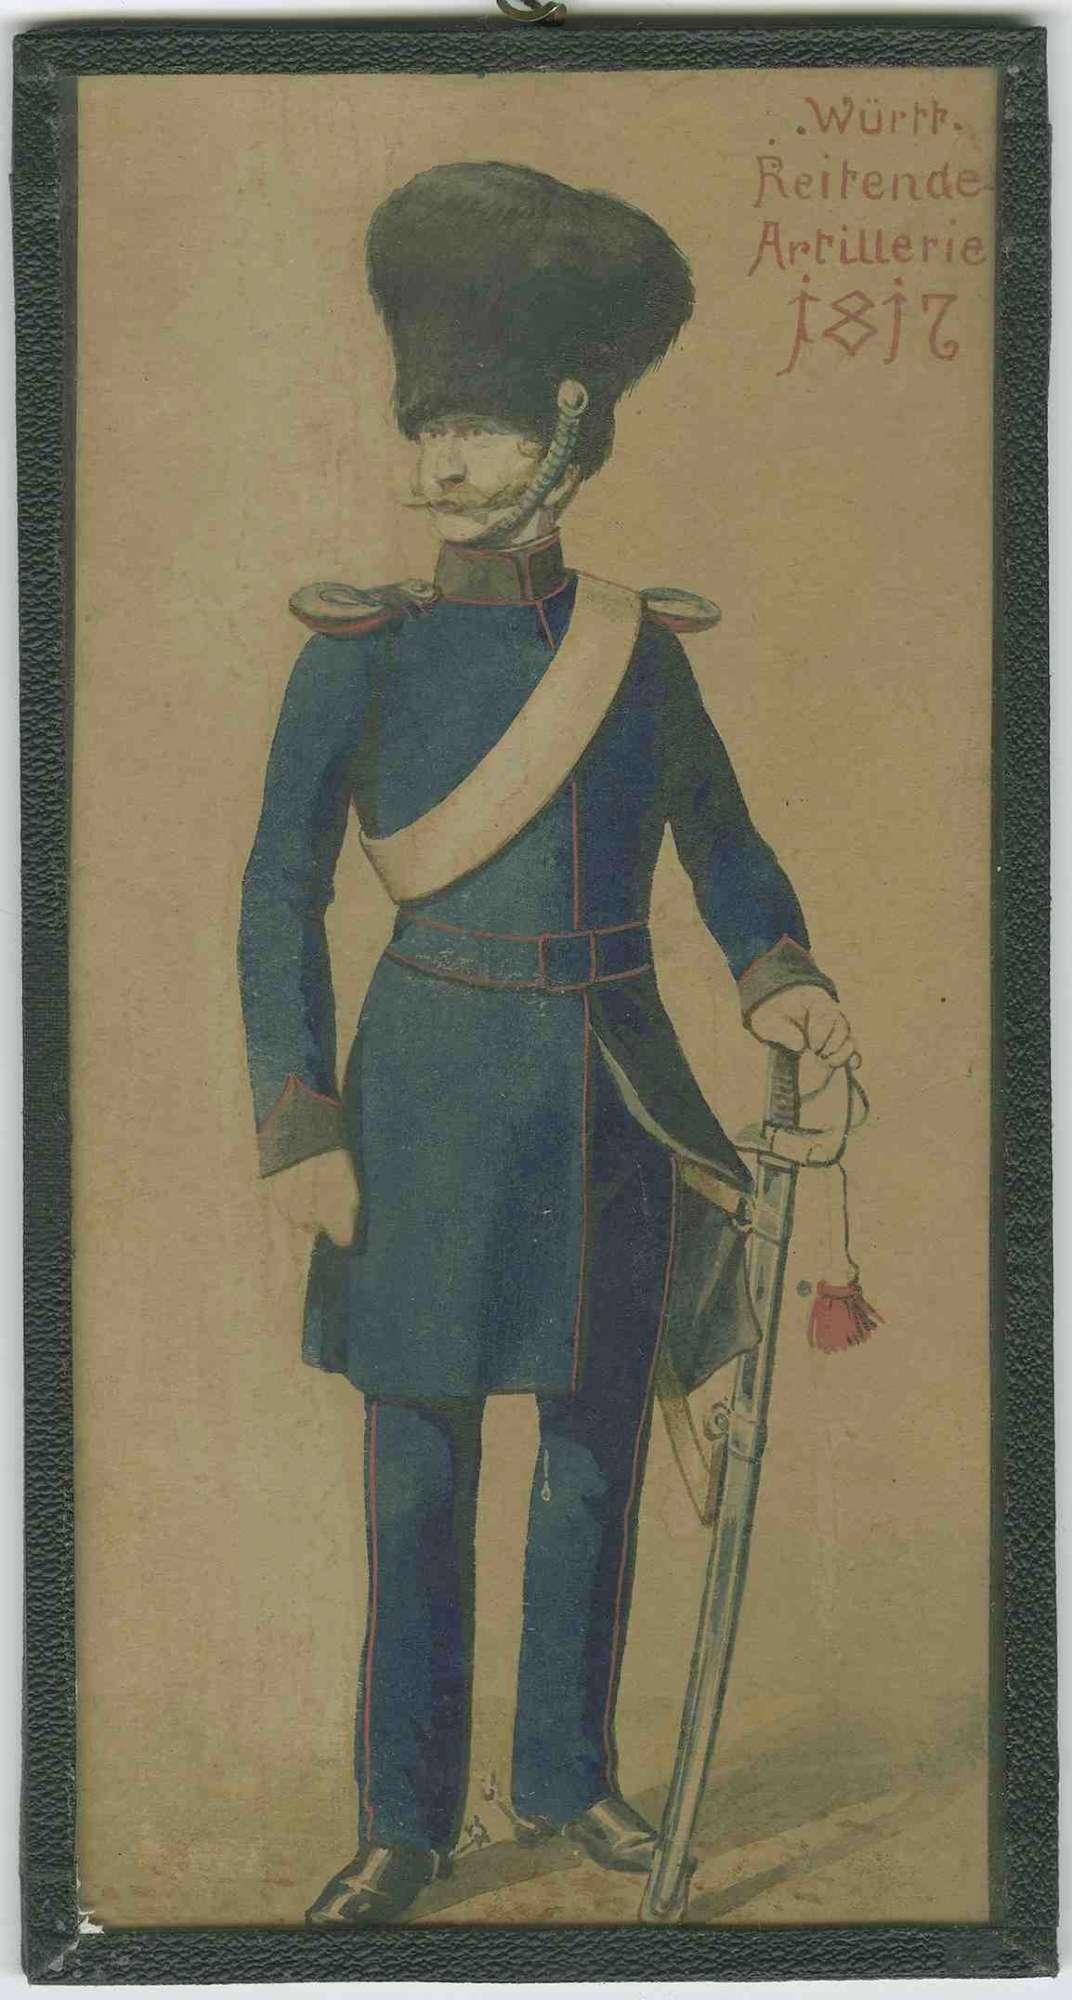 Soldat der Württ. Reitenden Artillerie 1817 in Uniform mit Mütze [Quelle: Hauptstaatsarchiv Stuttgart]